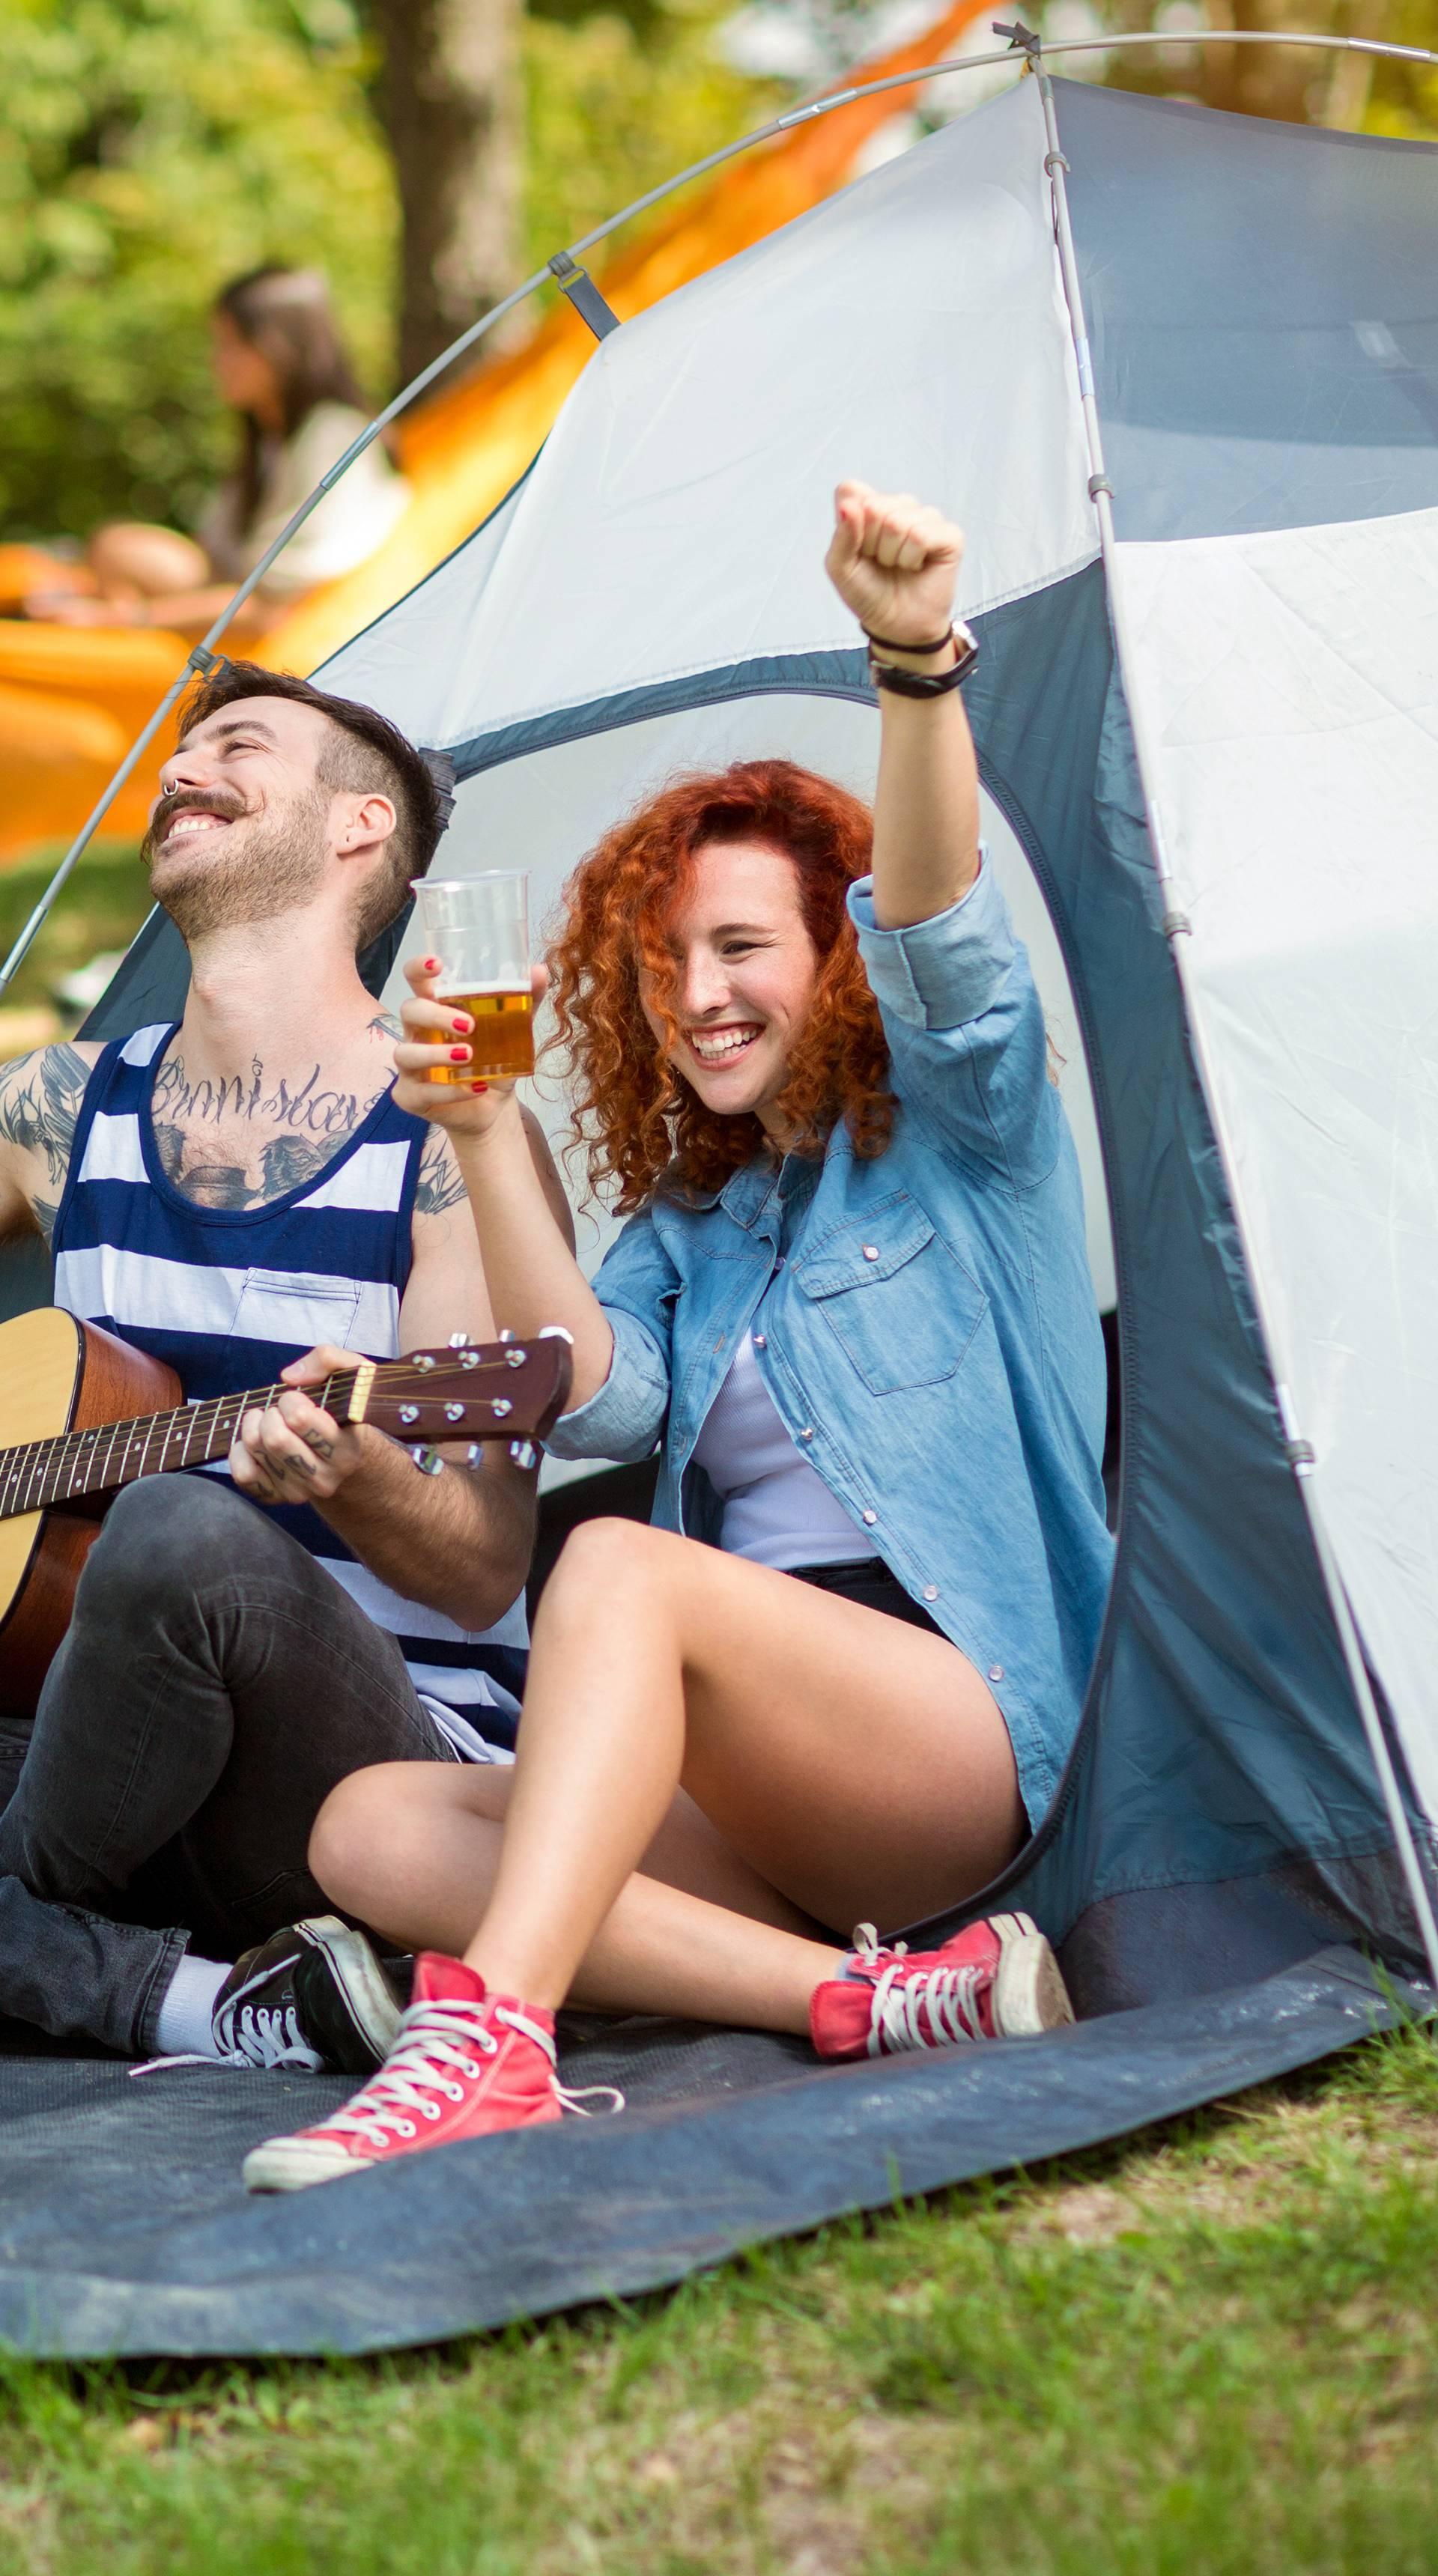 Mali vodič za kampiranje: Pripremite plan prehrane za sve dane i osigurajte dezinficijense